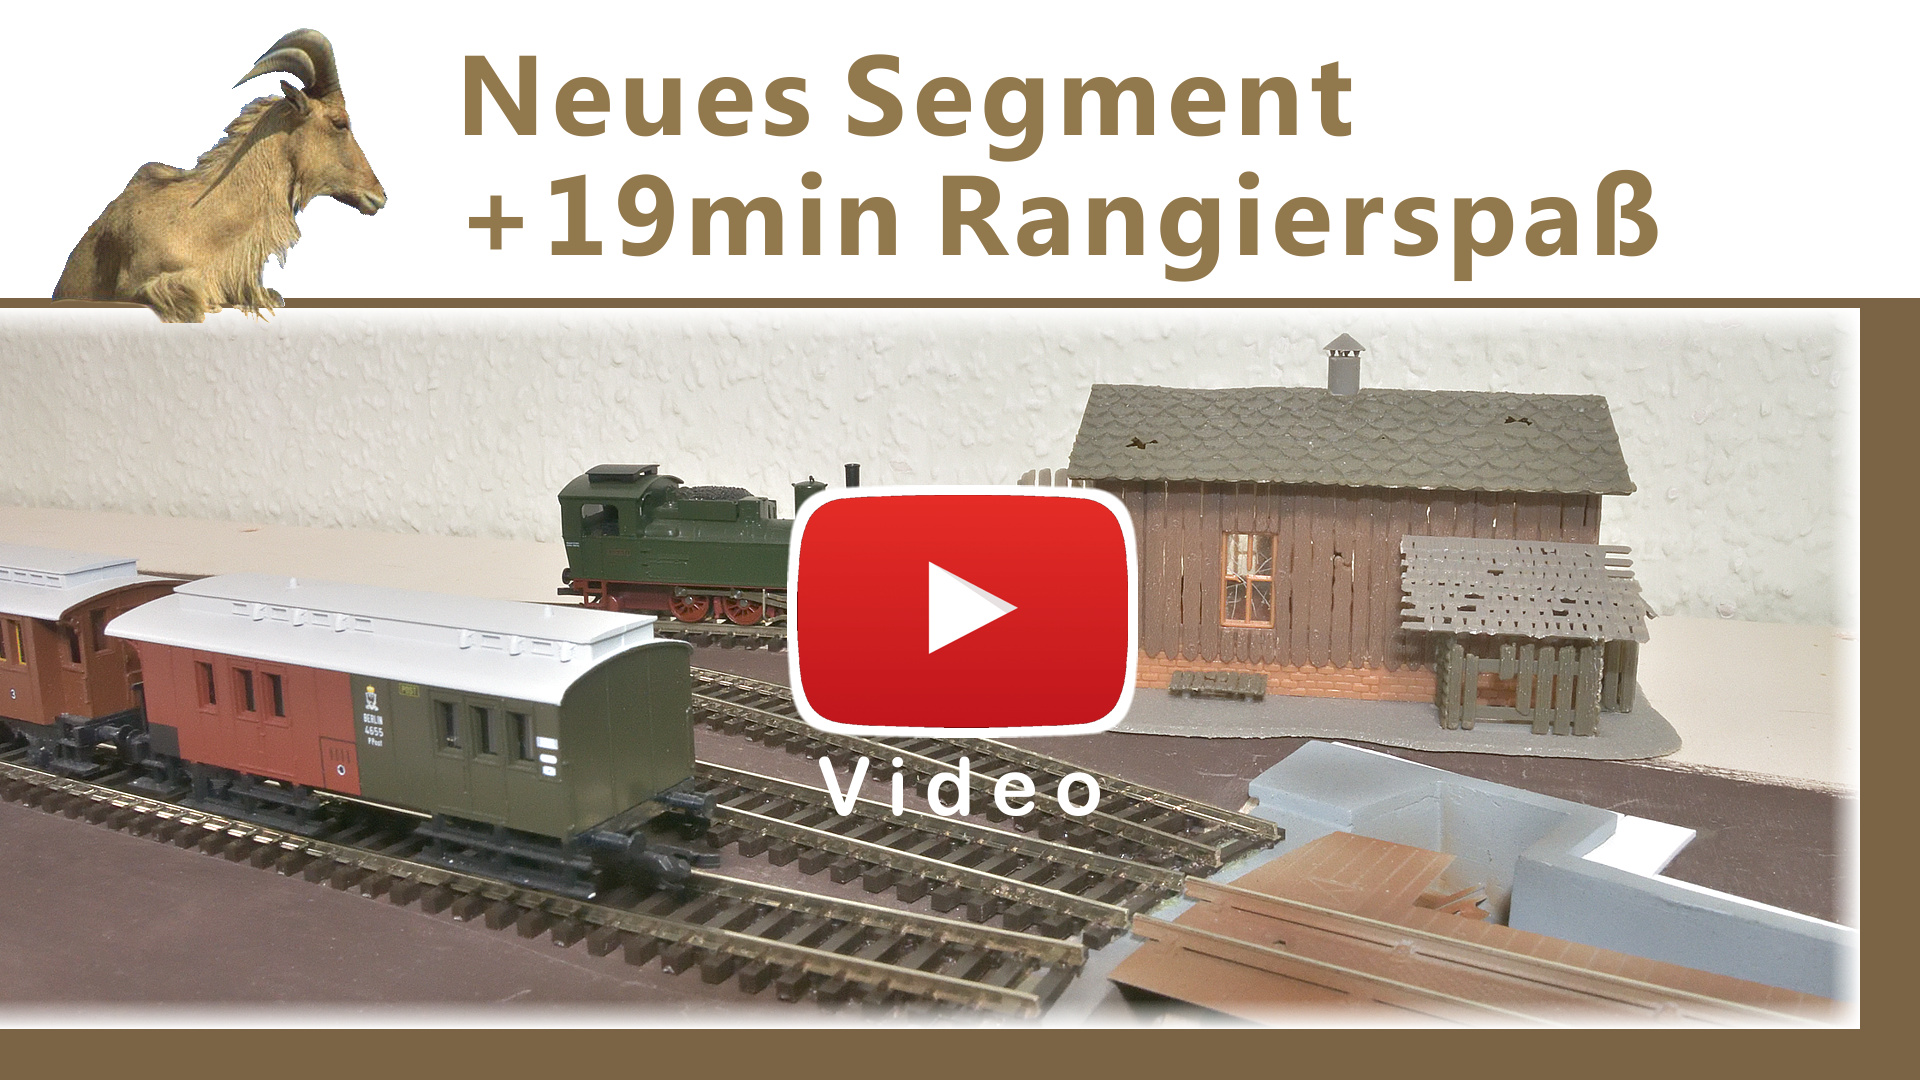 Video: Neues Segment Bahnhof Oberwald mit Rangierfahrten